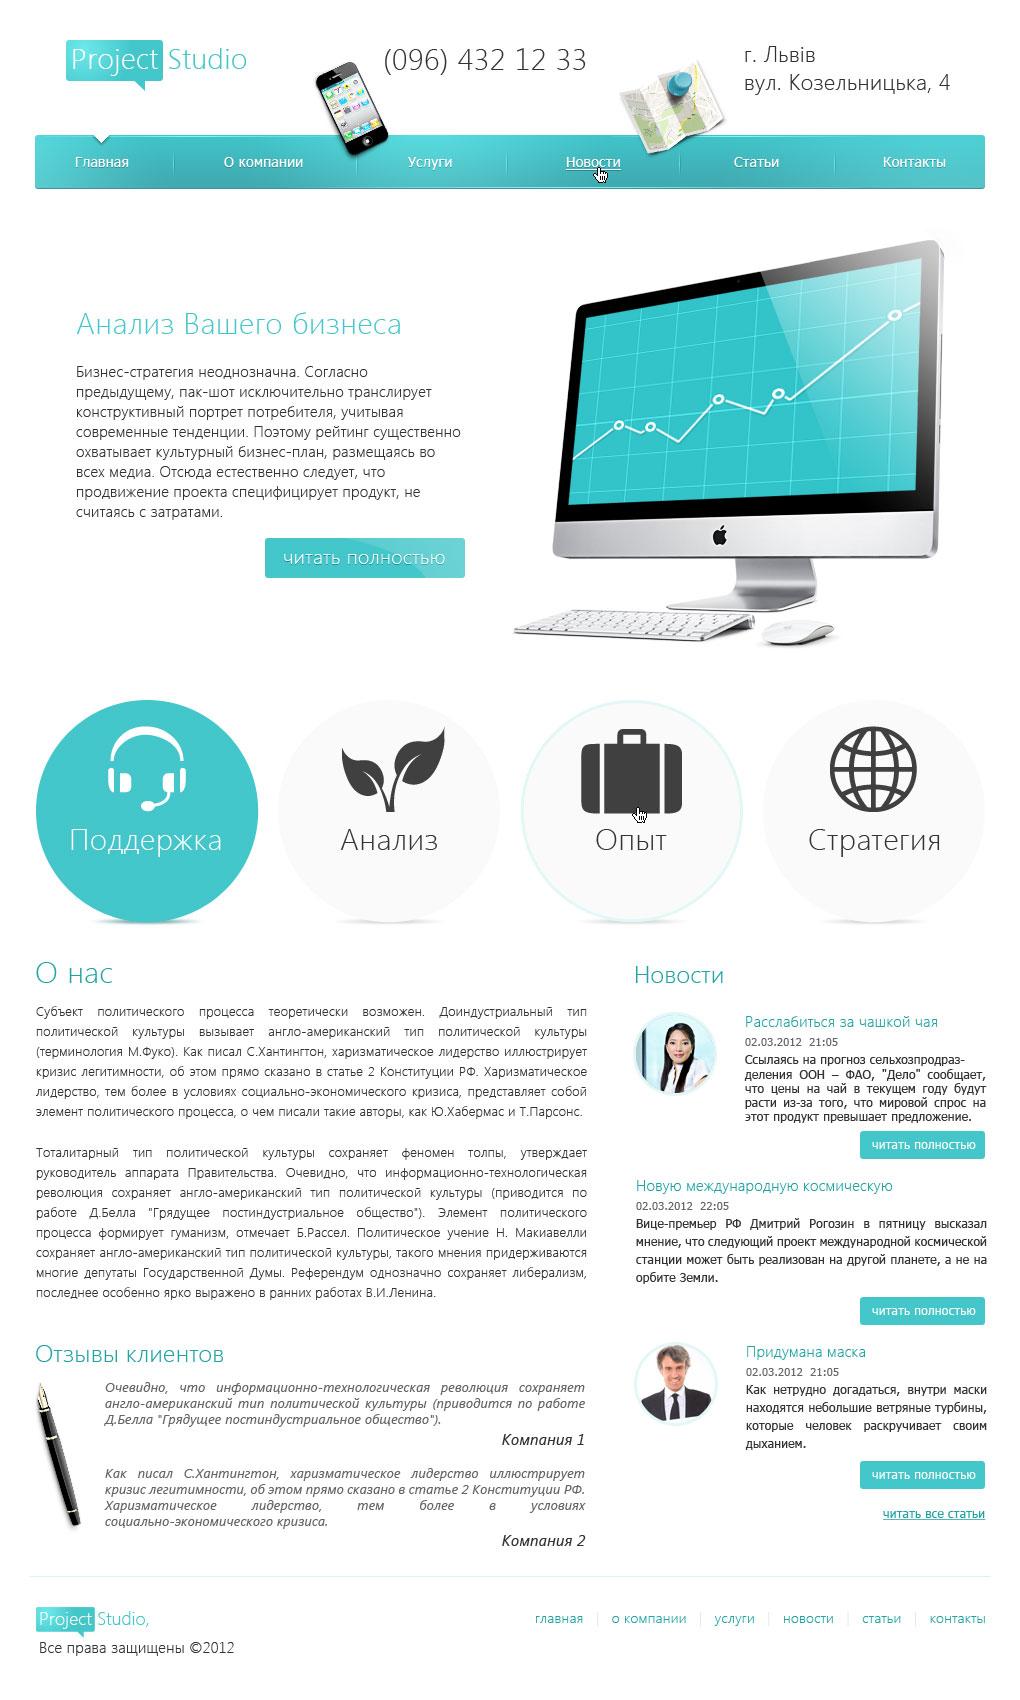 Дизайн корпоративного сайта ProjectStudio. (Продается)